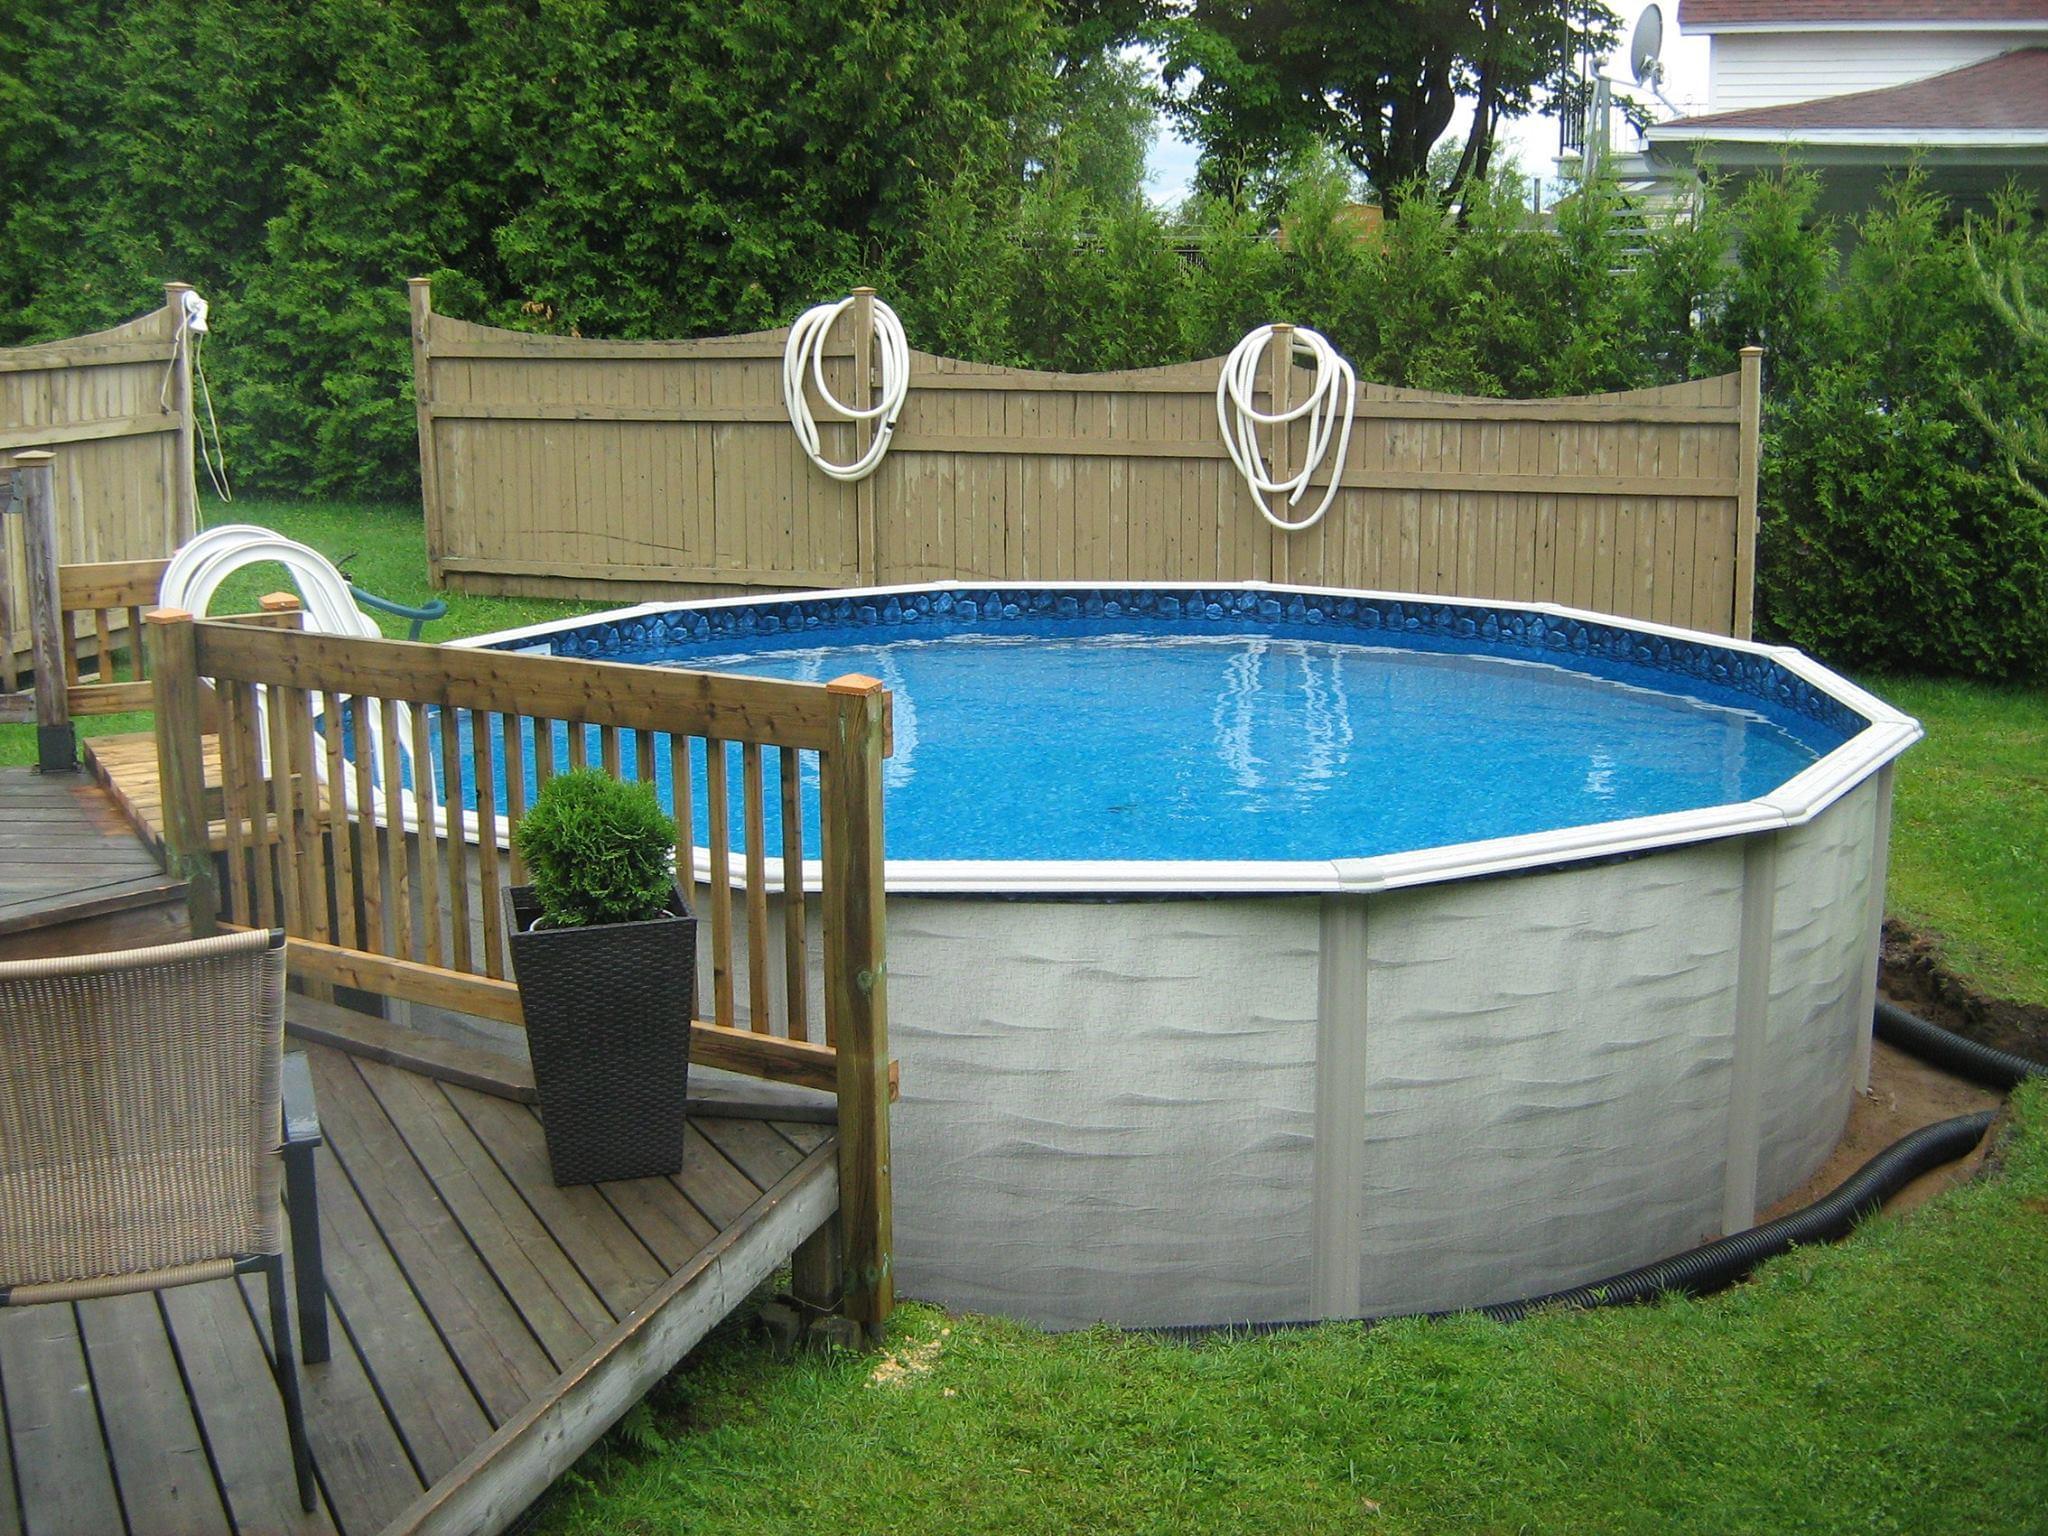 Evolution 12 pied ronde piscine hors magasin de piscine for Chauffe eau solaire pour piscine hors terre